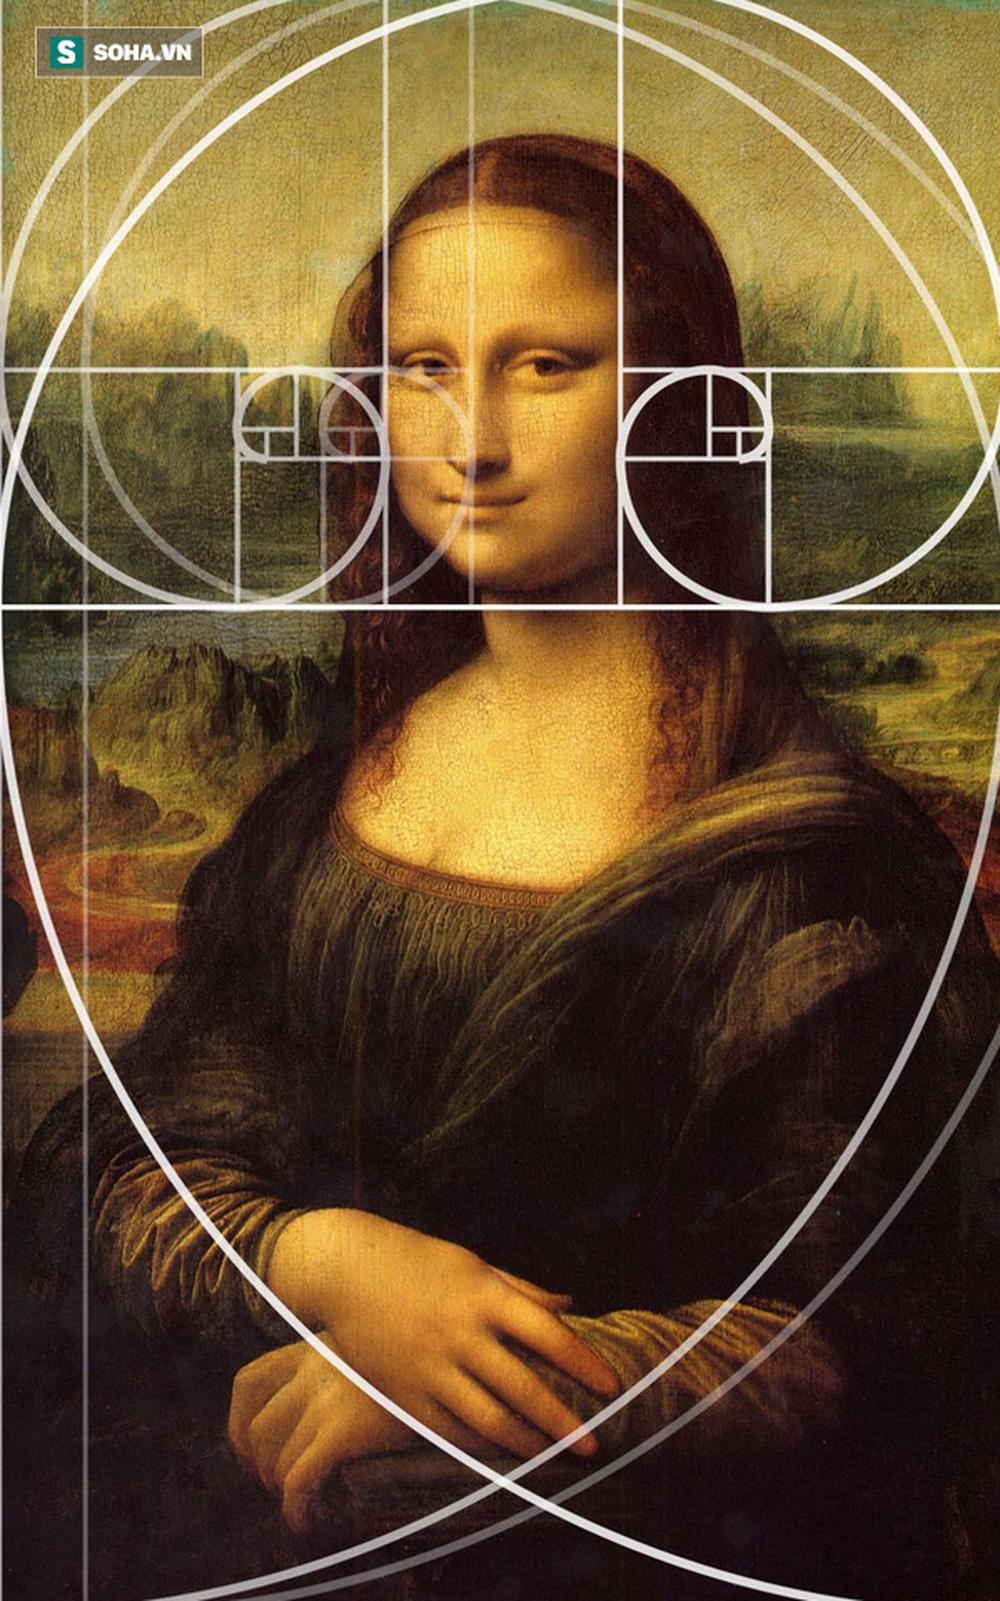 Con số kỳ diệu nhất vũ trụ: Sau hành trình 1000 năm phục hưng, nó khiến nhân loại phải kinh ngạc - Ảnh 6.